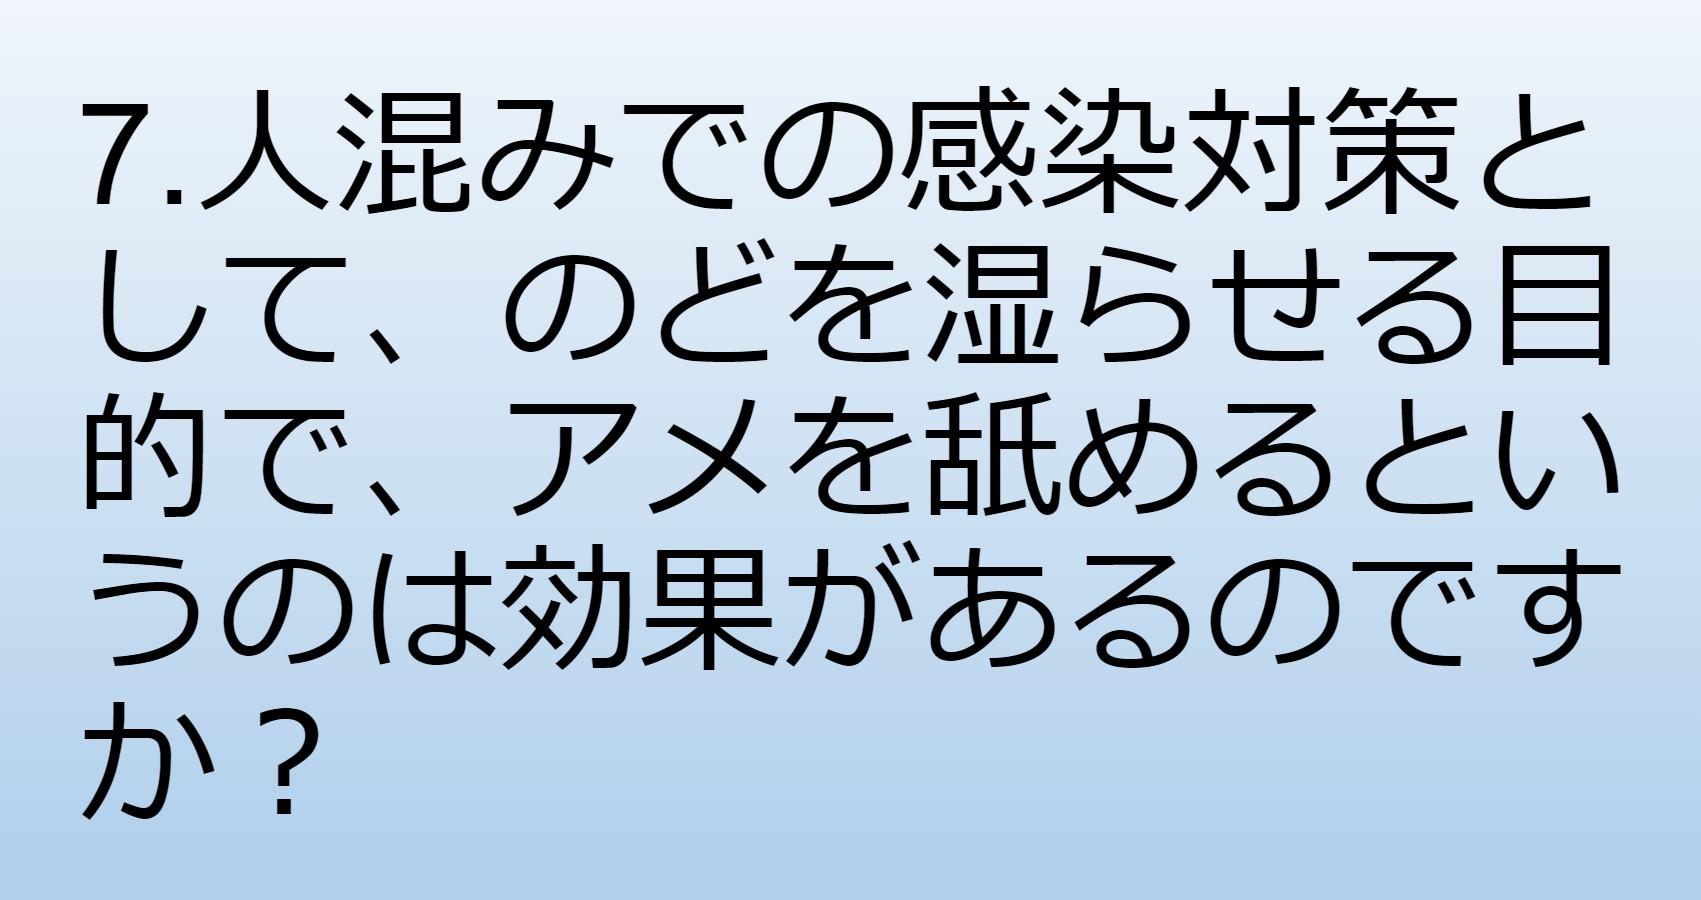 スクリーンショット (28).jpg